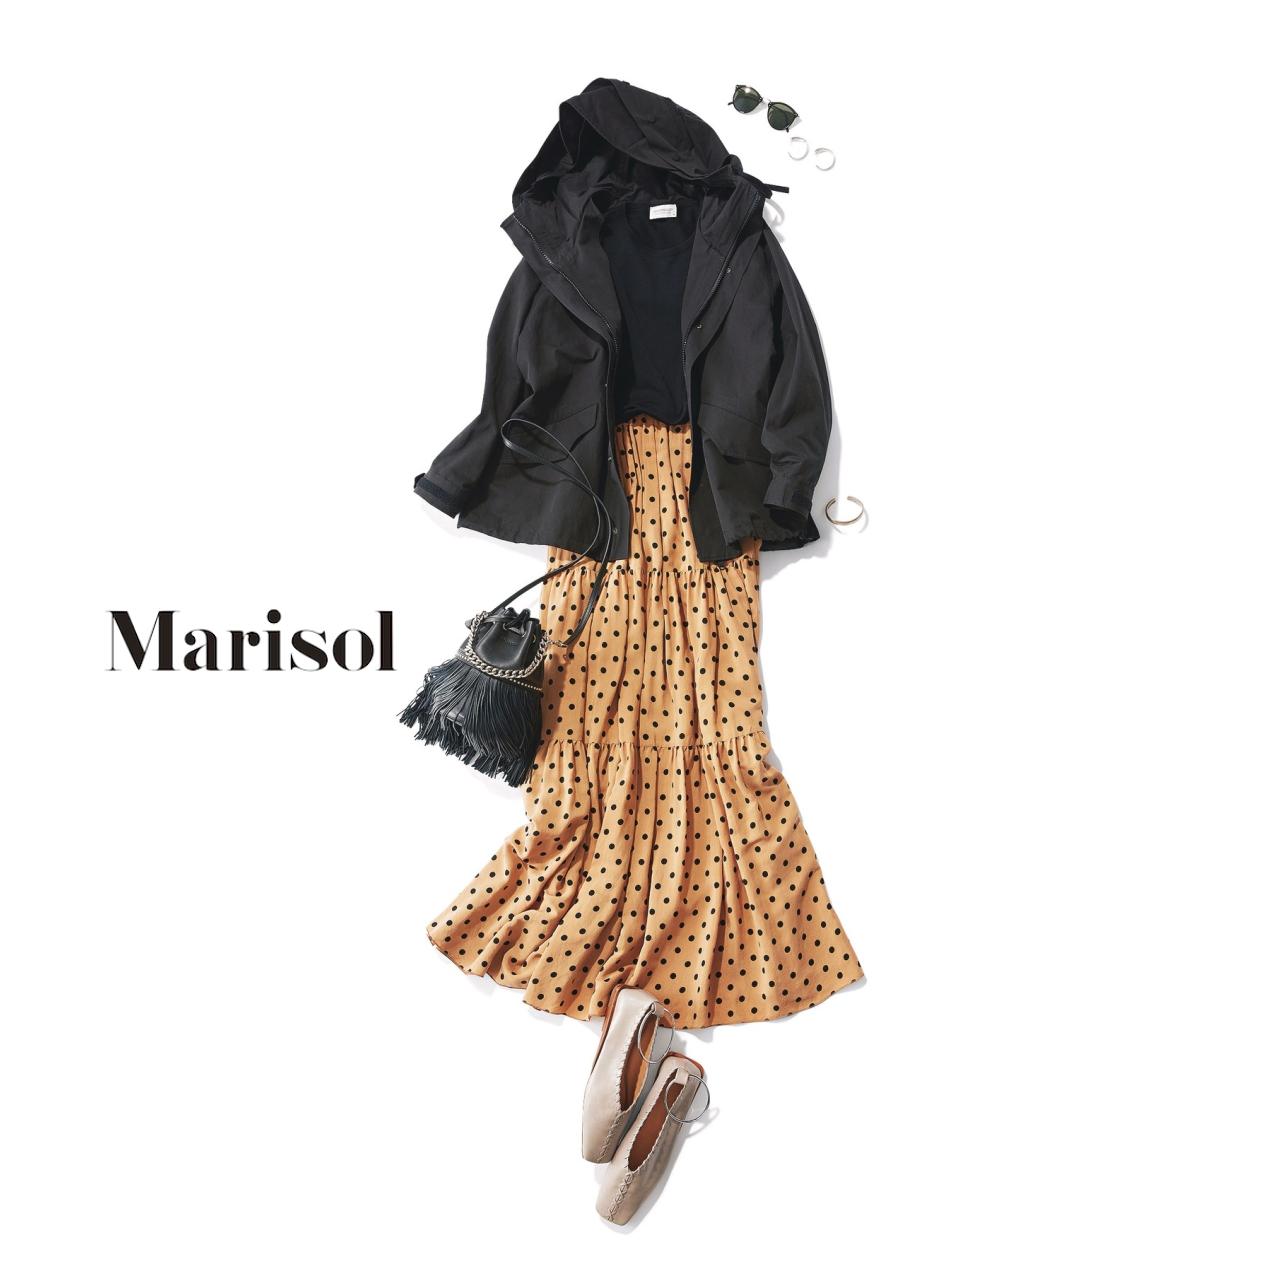 40代ファッション 黒ブルゾン×ベージュドットスカートコーデ